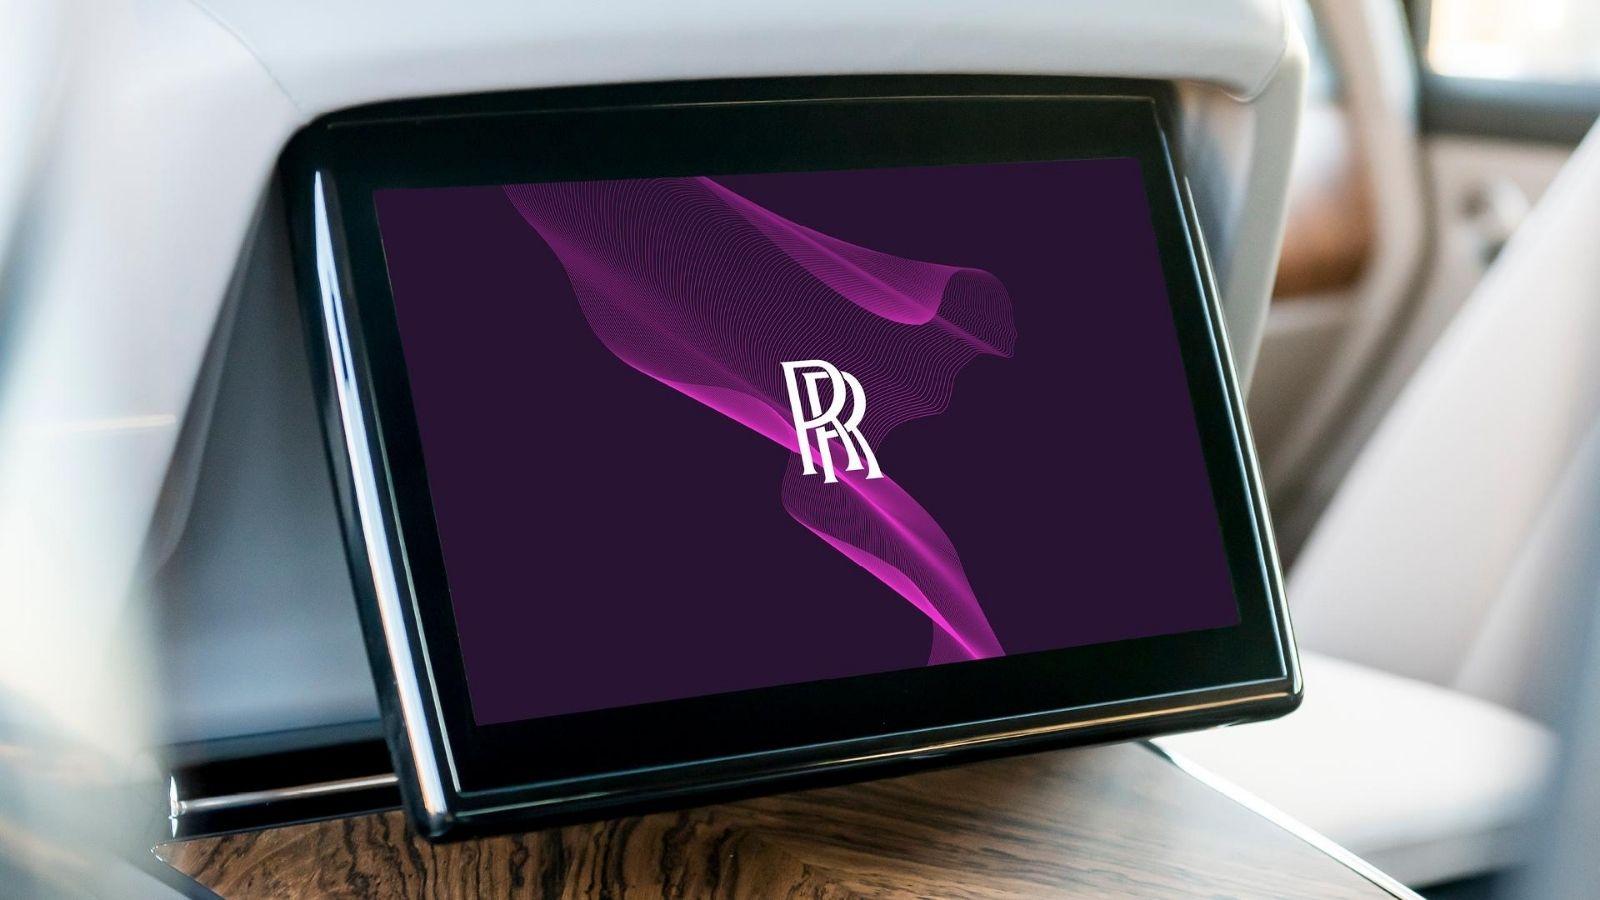 ROLLS ROYCE z nową identyfikacją wizualną! Rebranding mediarun com rolls royce